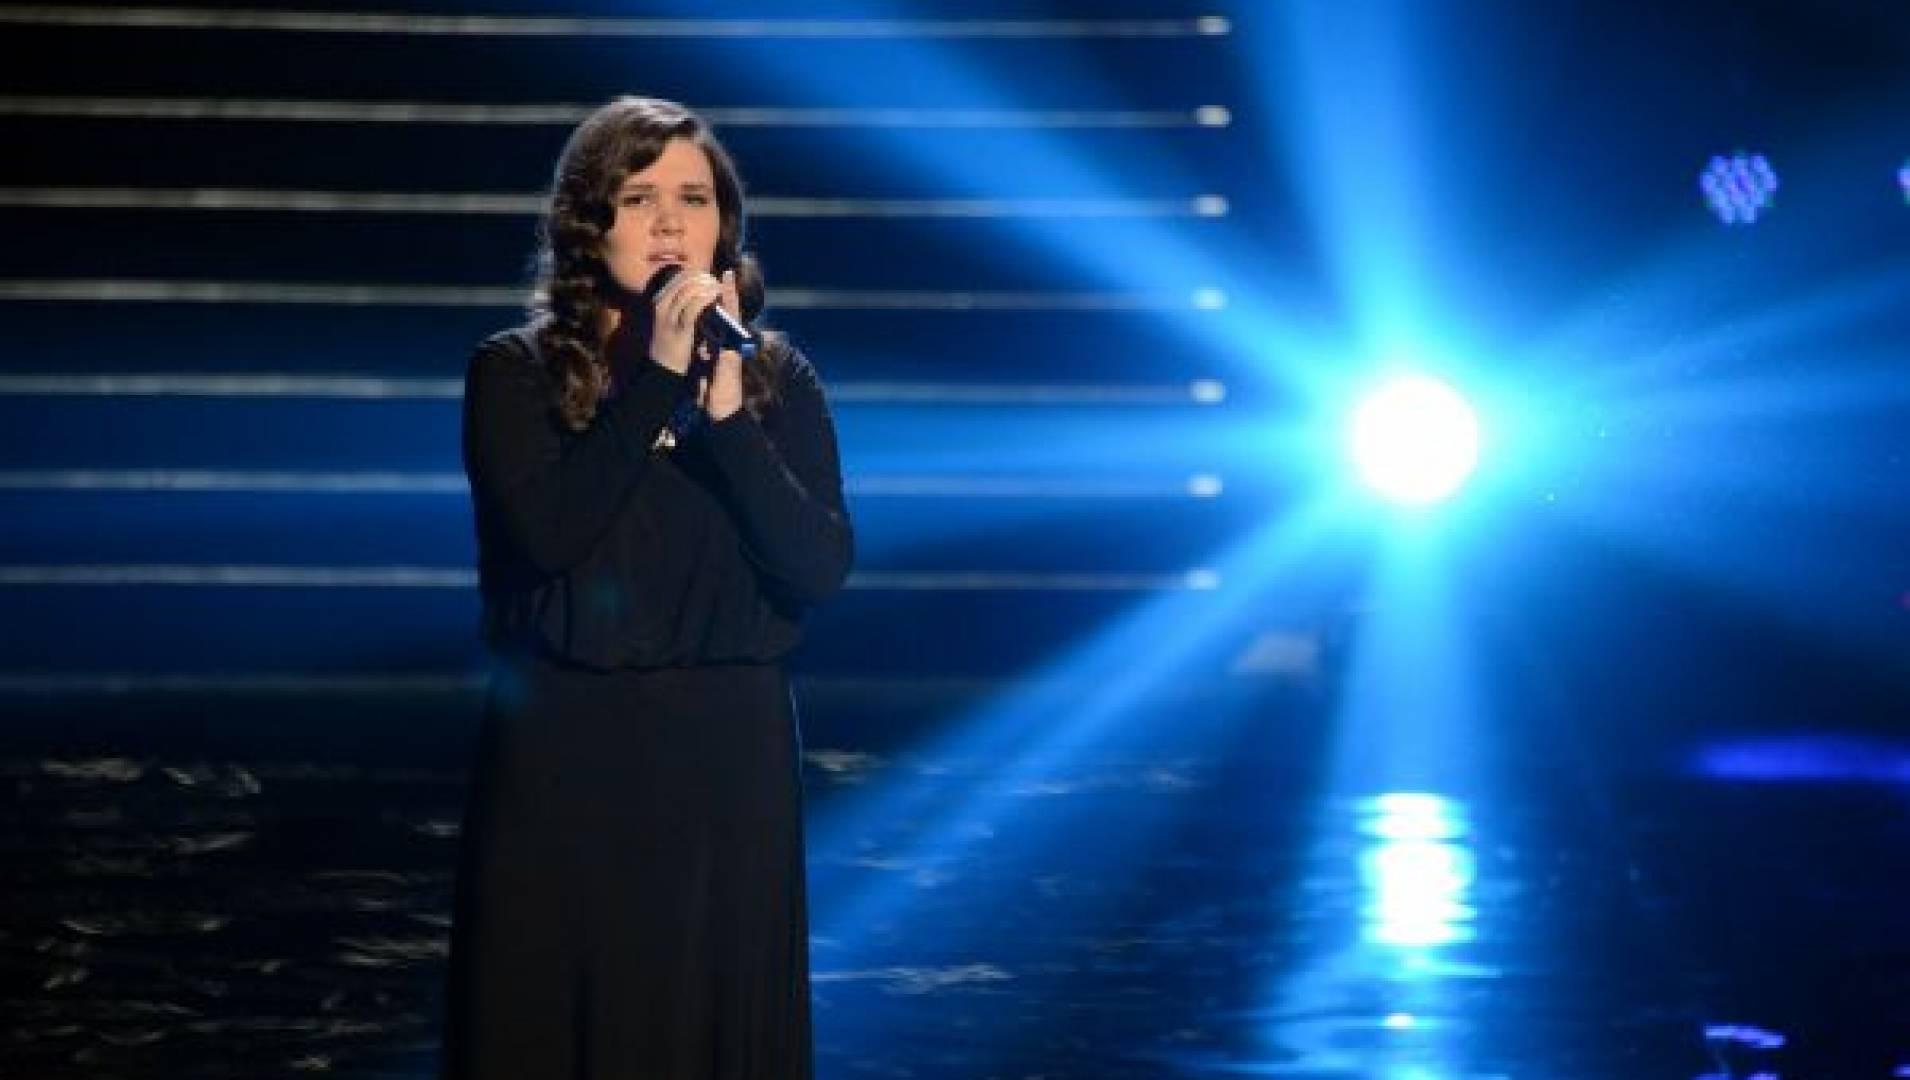 Дина Гарипова: «Наш голос на Евровидении» - Документальный фильм